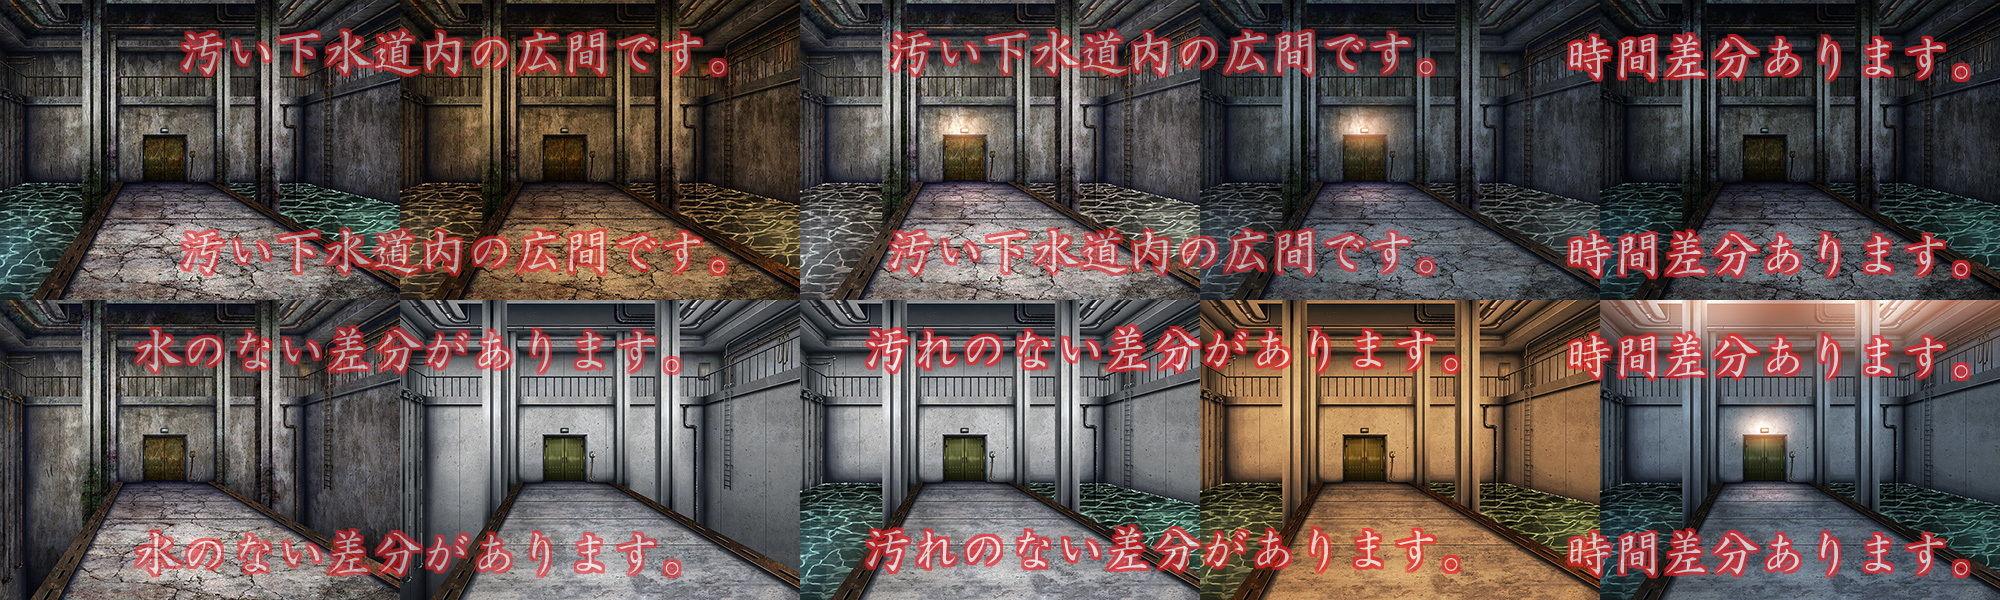 【キュキュキュのQのQ 同人】著作権フリー背景CG素材「下水道広間」